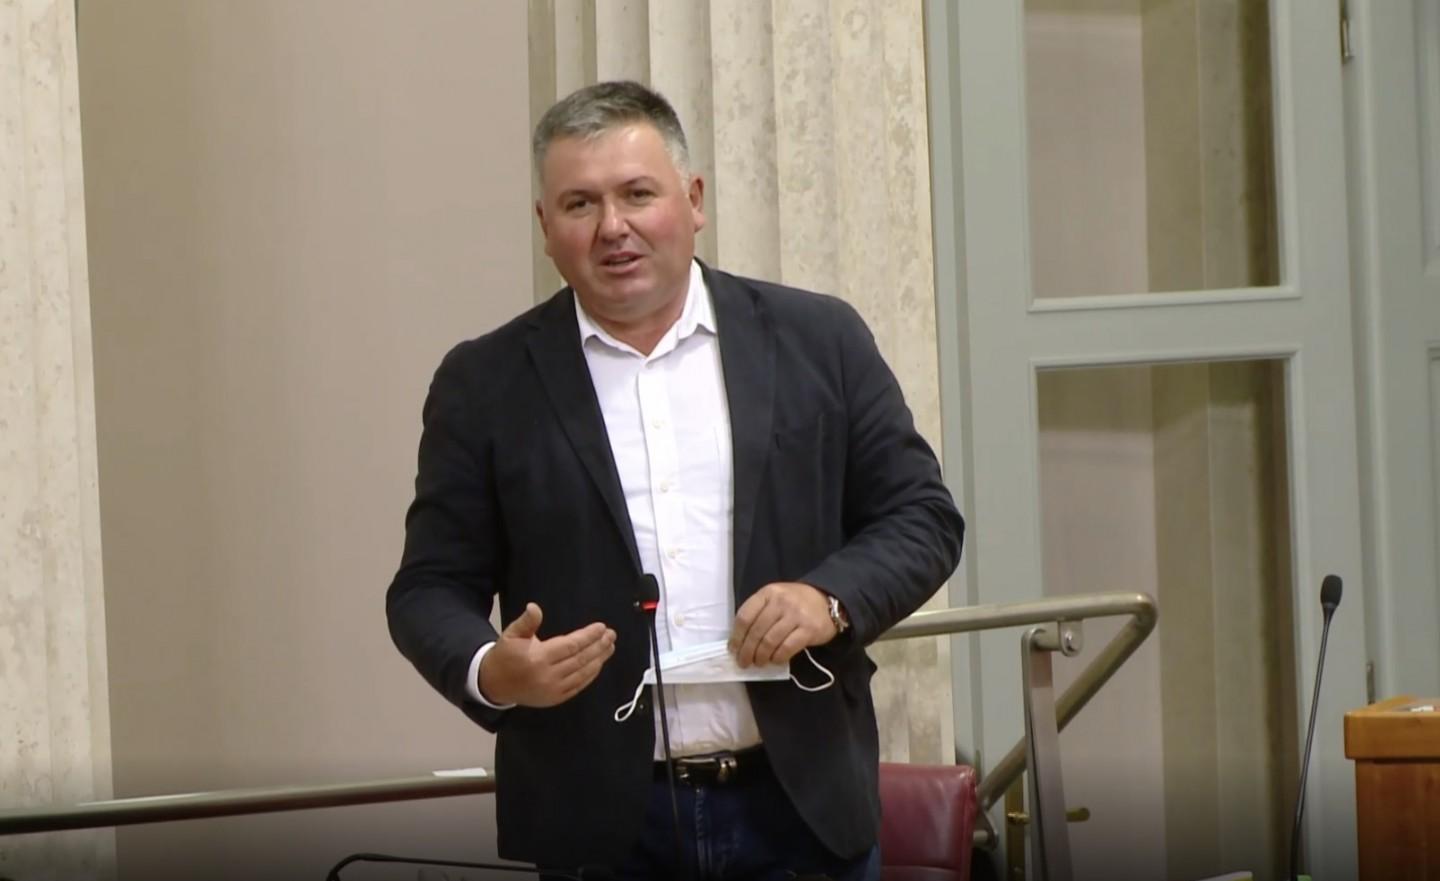 HSS | Hrvatski sabor | Željko Lenart | Rasprava tržište električne energije